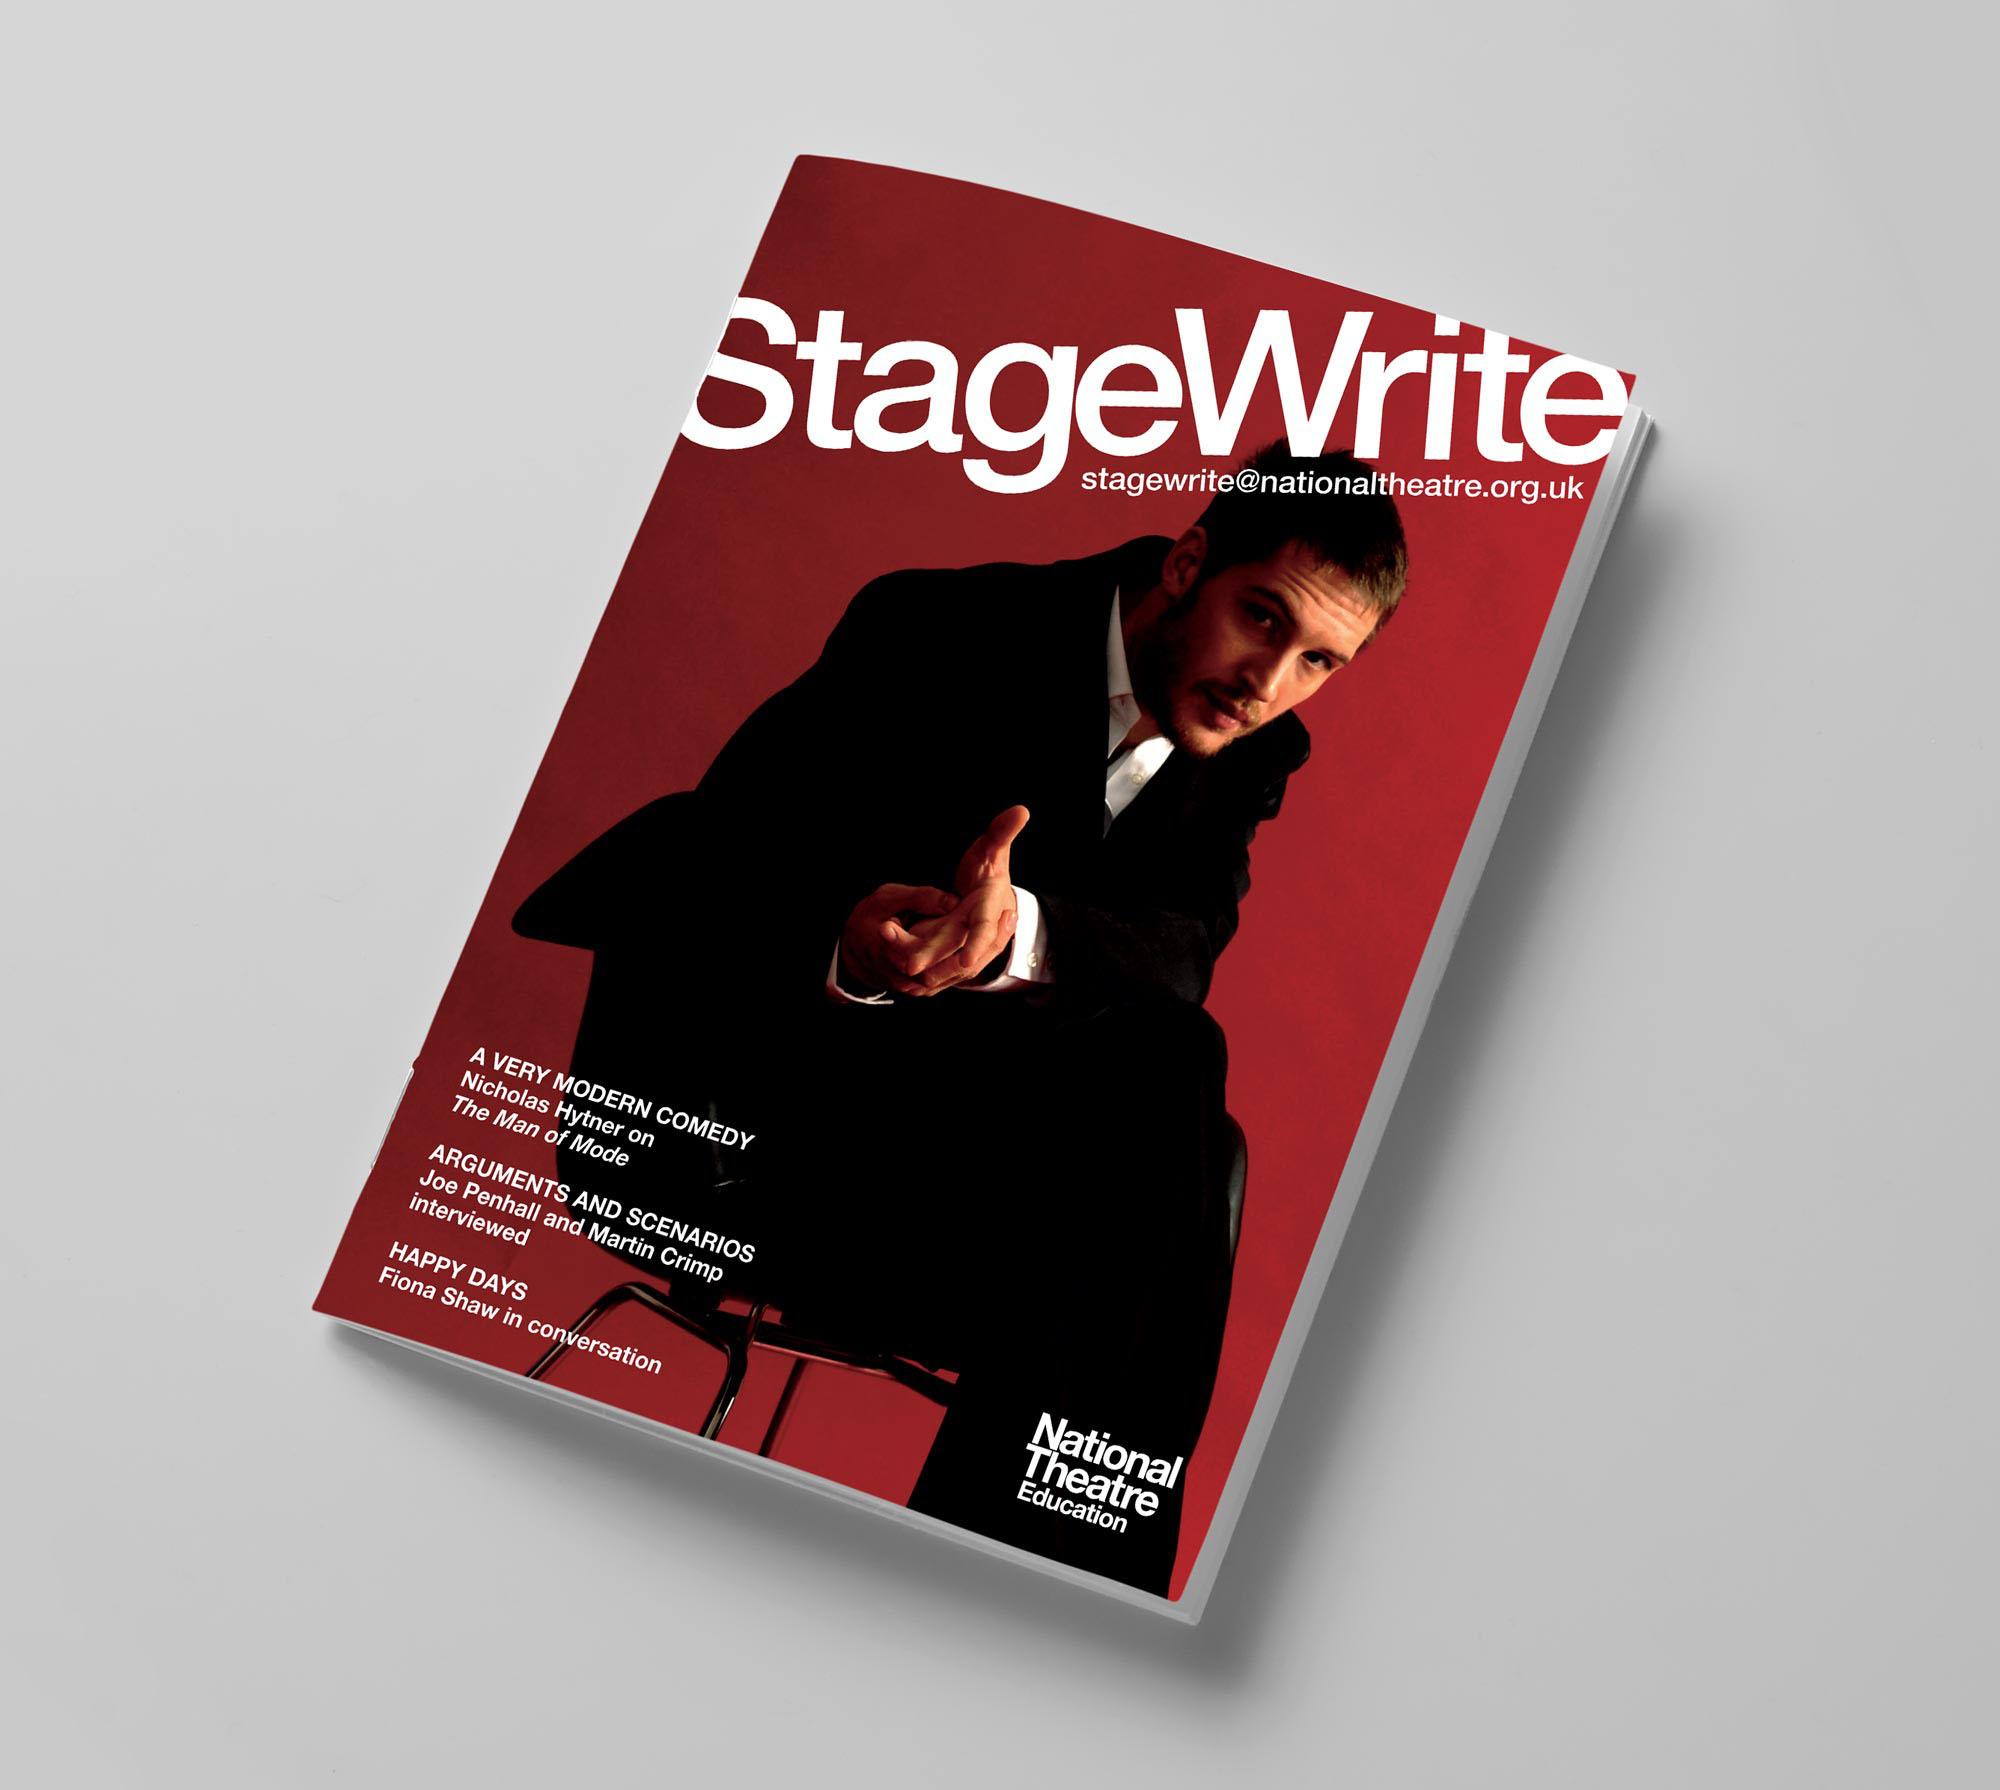 Stagewrite_cover_2.jpg